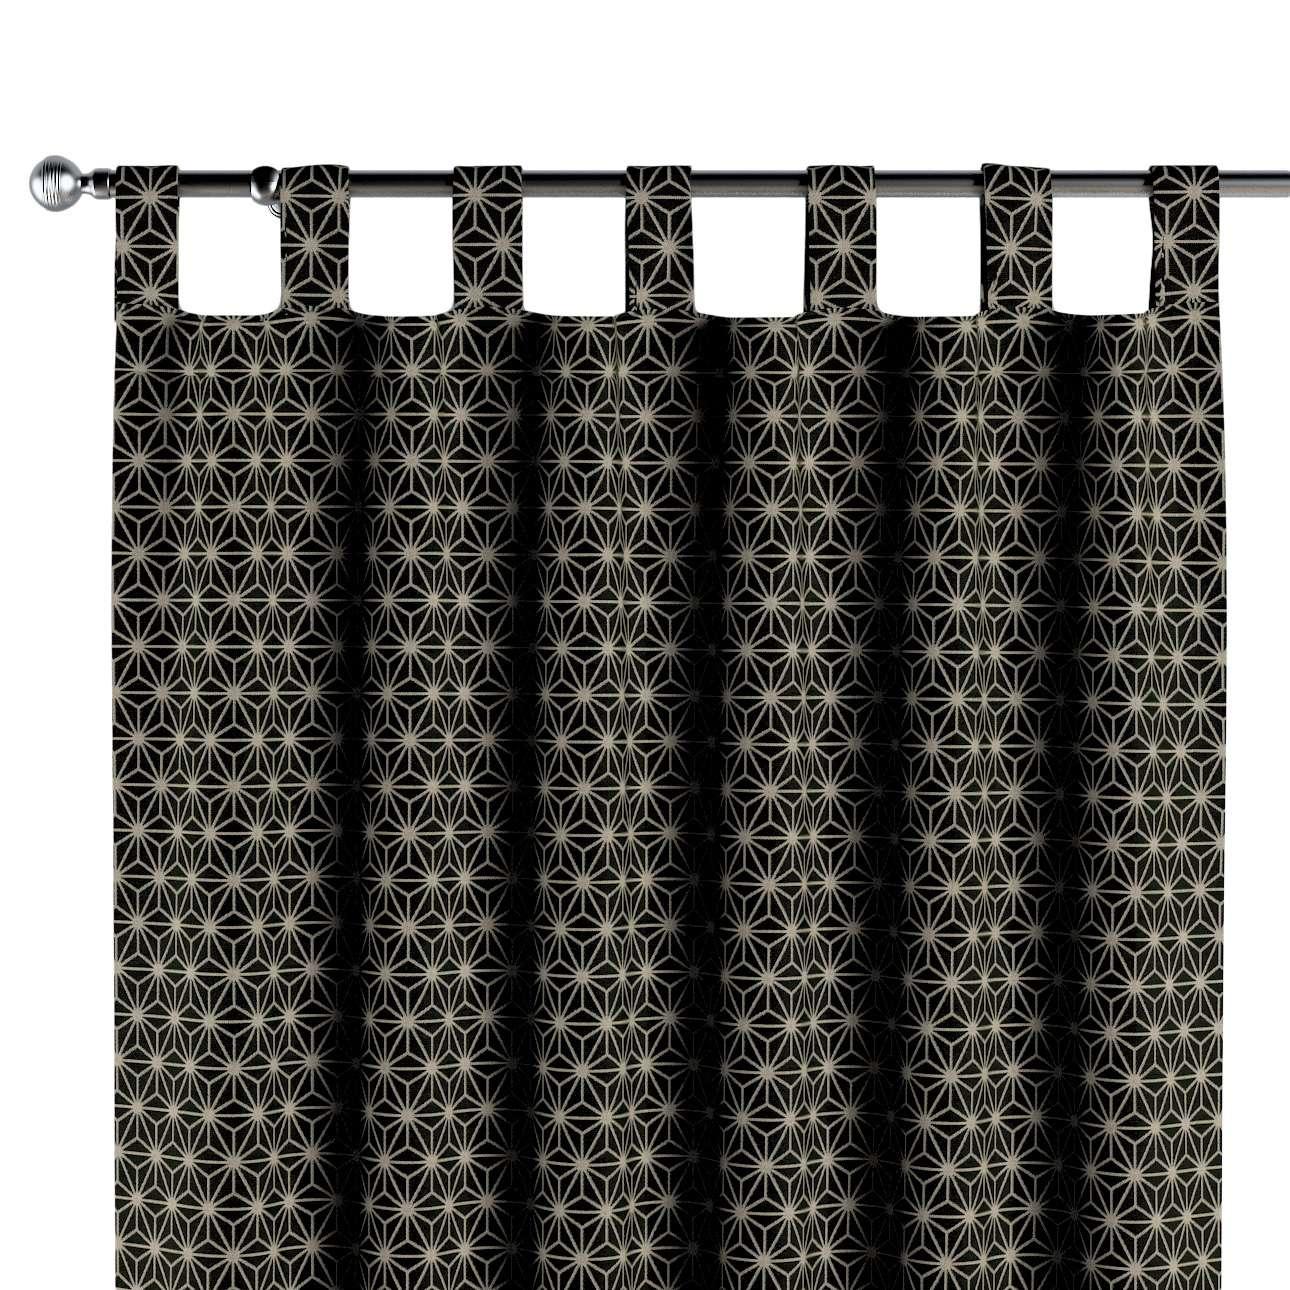 Füles függöny a kollekcióból Black & White szövet, Dekoranyag: 142-56